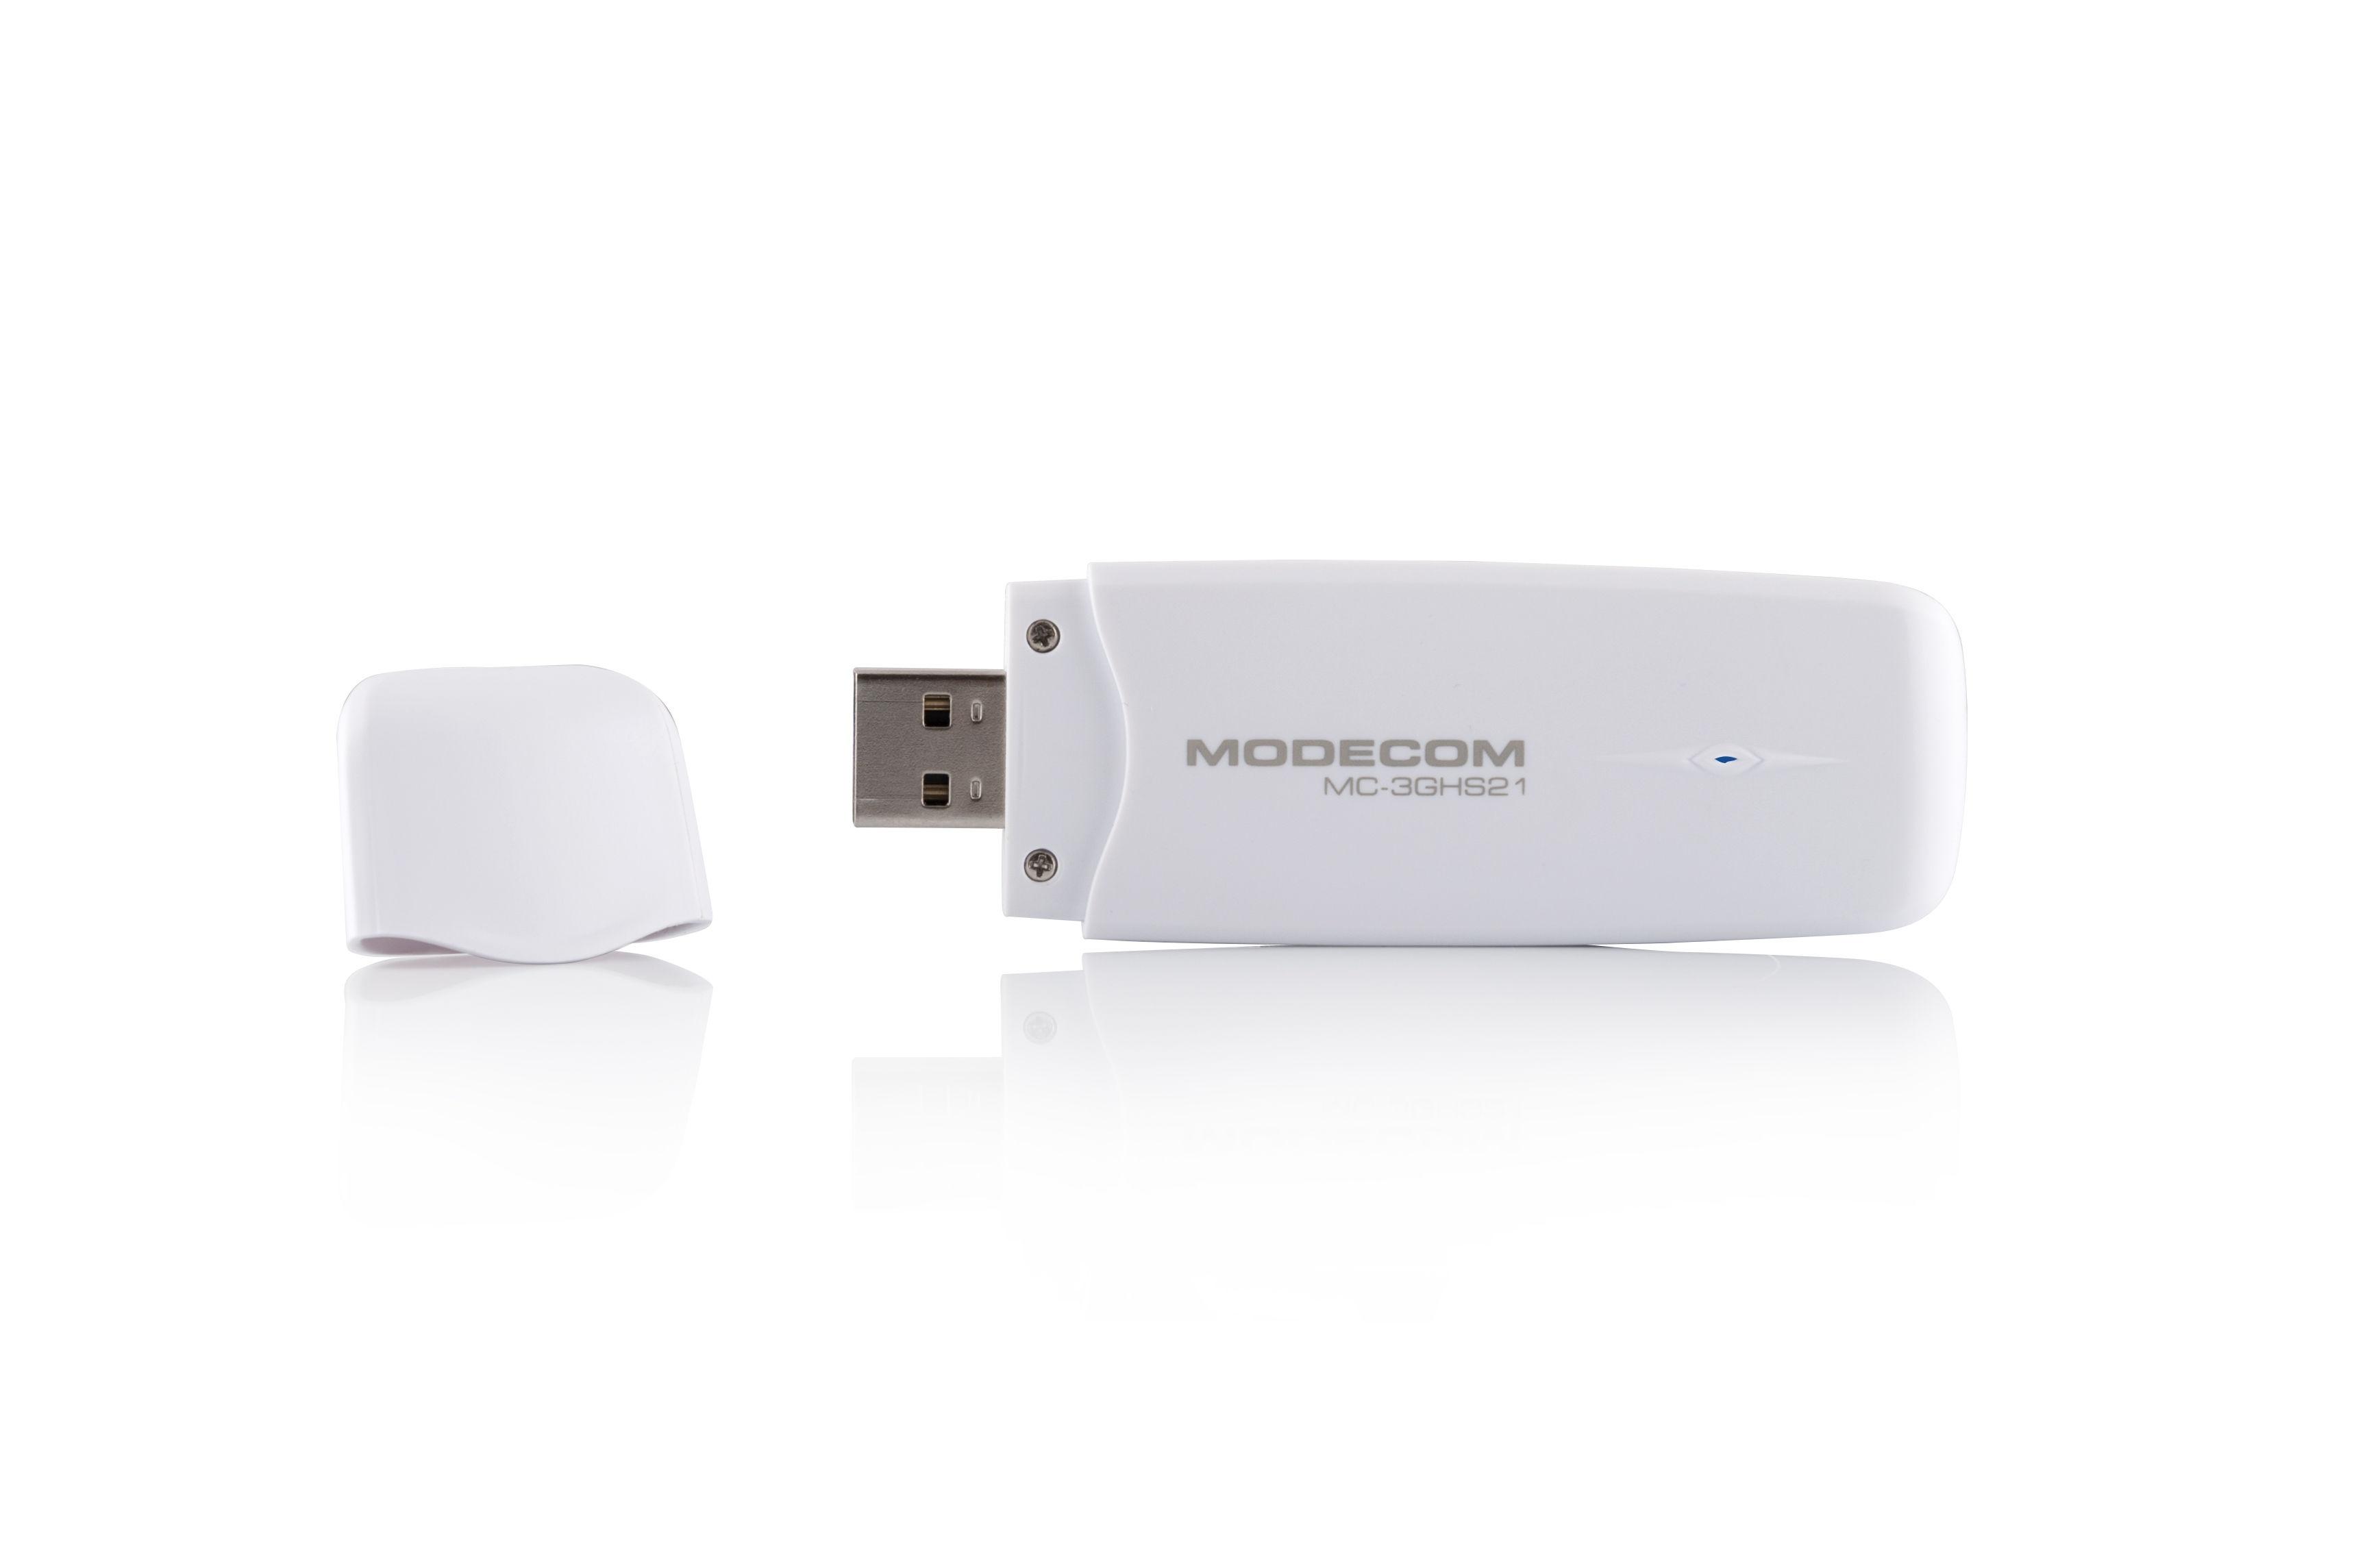 Modecom: FreeNet, czyli modem 3G